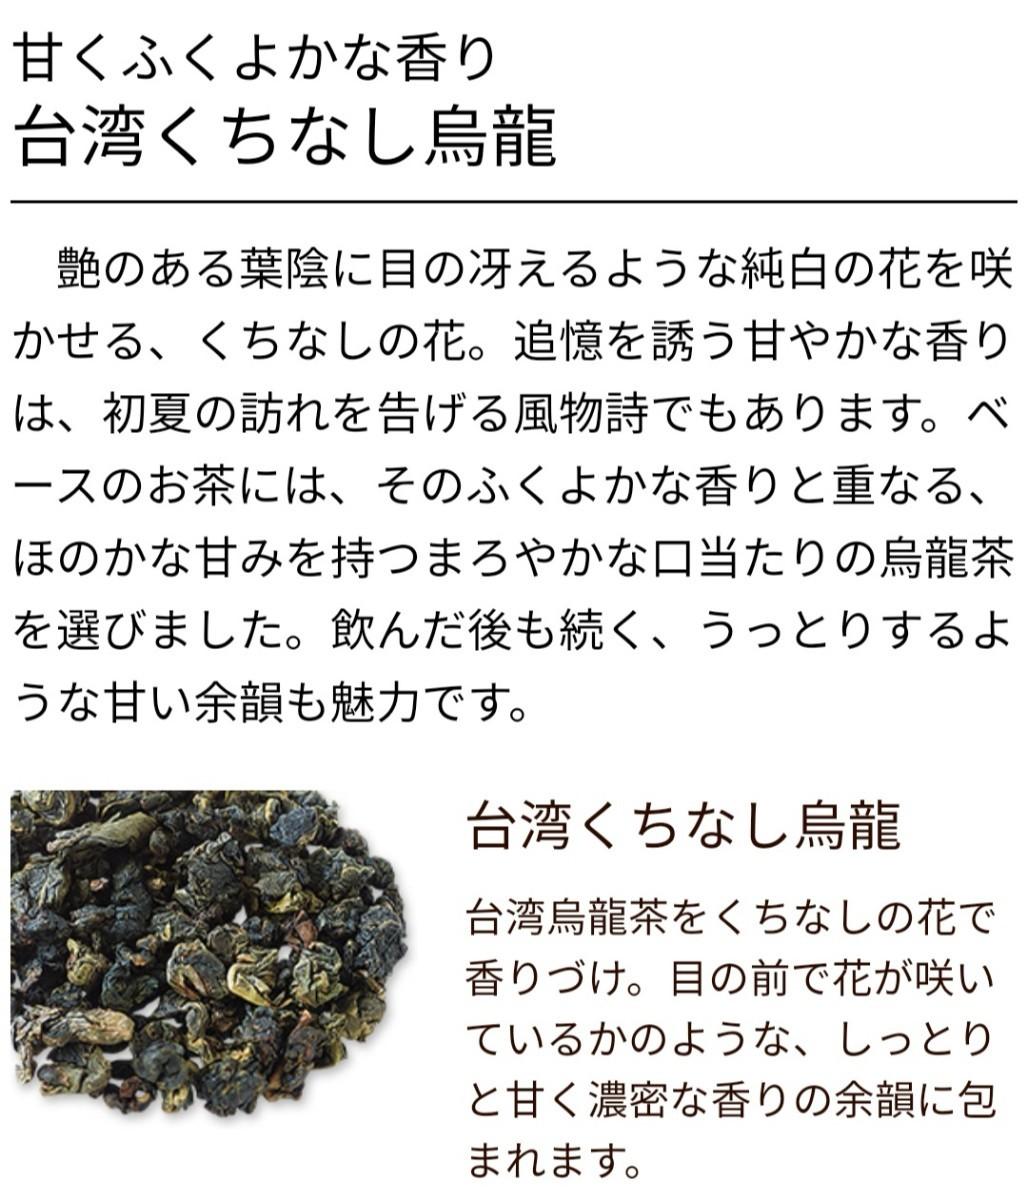 ルピシア 台湾くちなし烏龍 何度も楽しめる台湾烏龍茶  LUPICIA